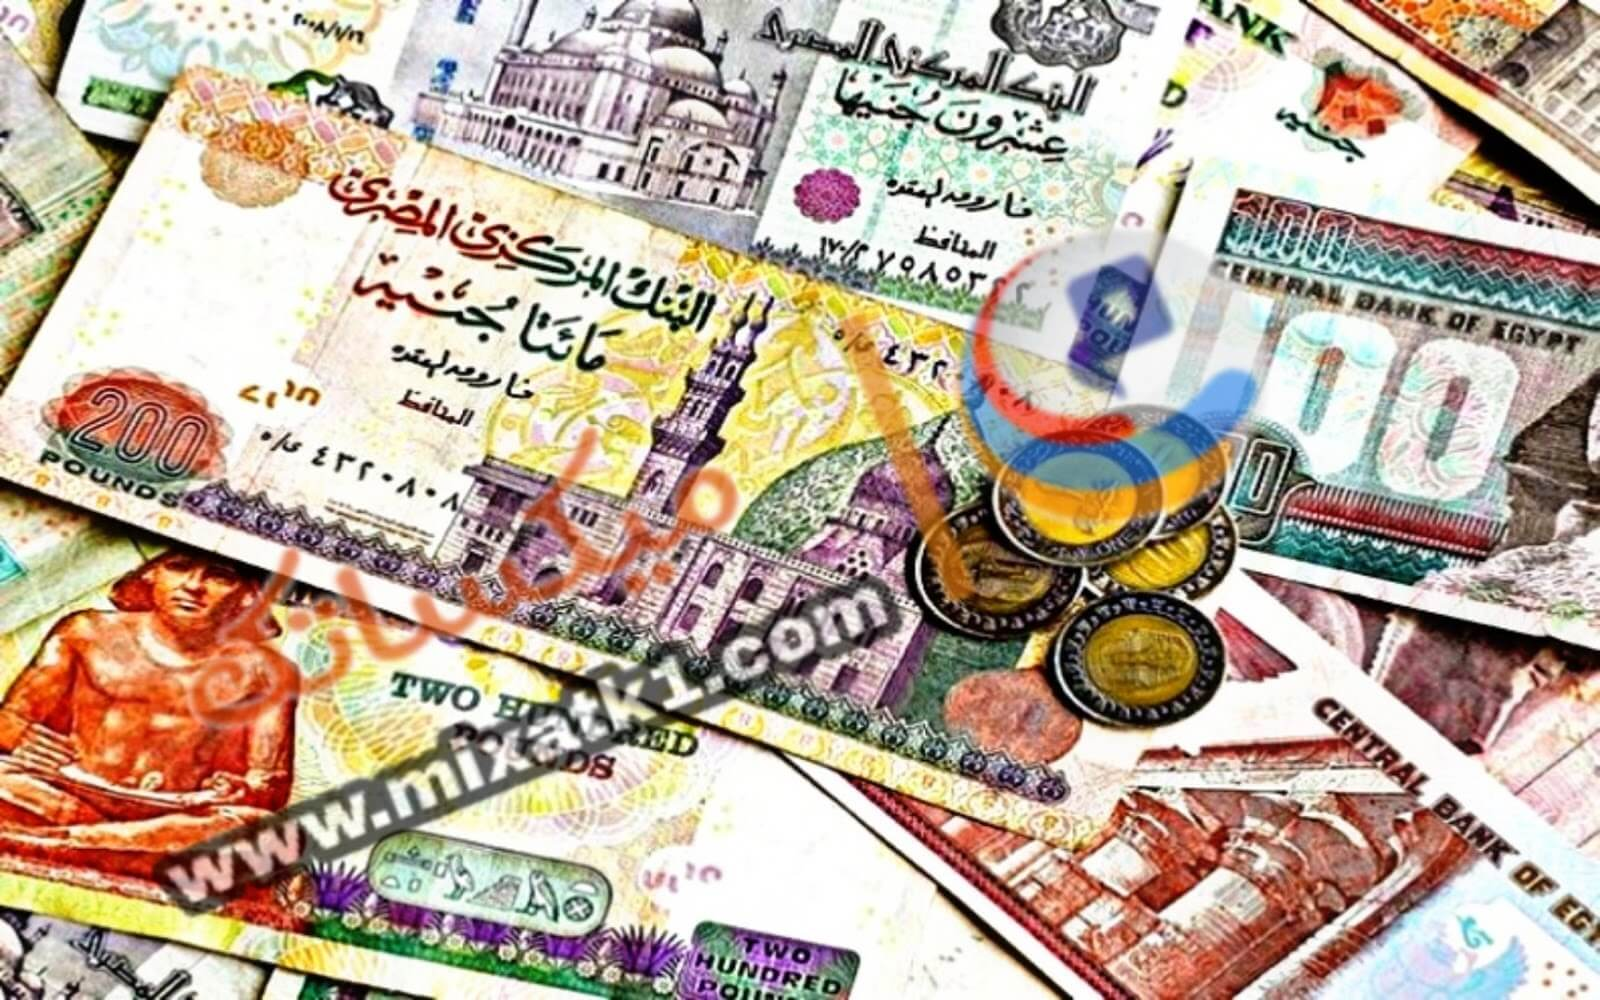 بنك مصر, بنك القاهرة, البنك الاهلى المصرى, فوائد البنوك, اعلي فائدة شهرية في البنوك المصرية 2019, فوائد بنك مصر 2019,